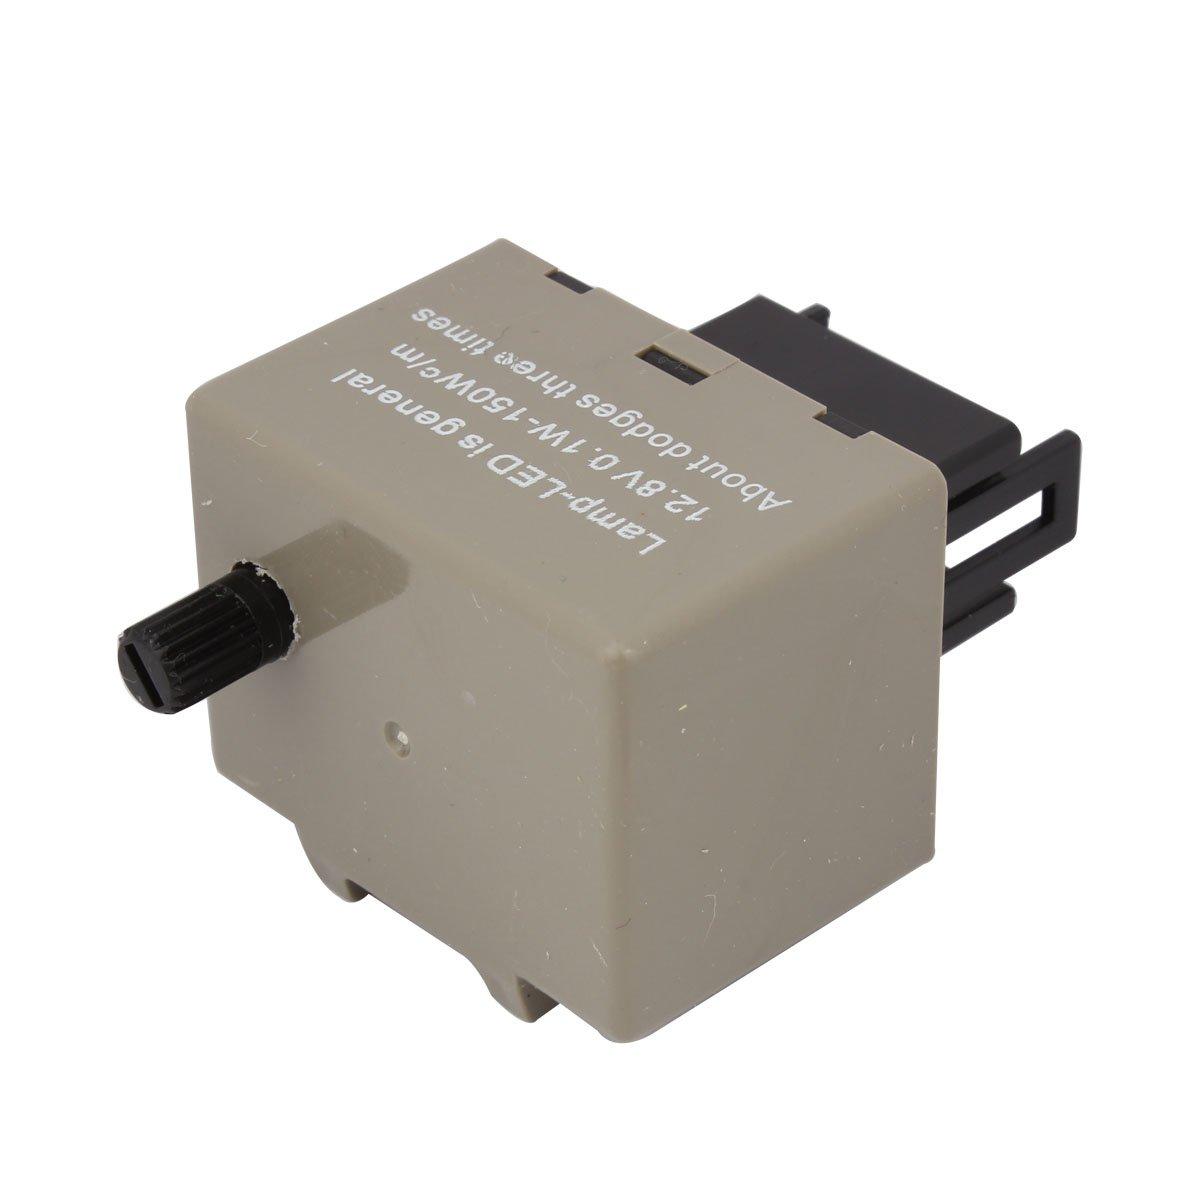 TOMALL 3Pin LED Segnali di direzione lampeggiante elettronico Rel/è lampeggiante CF13 JL-02 EP34 per LED 12V 0.02A-20A